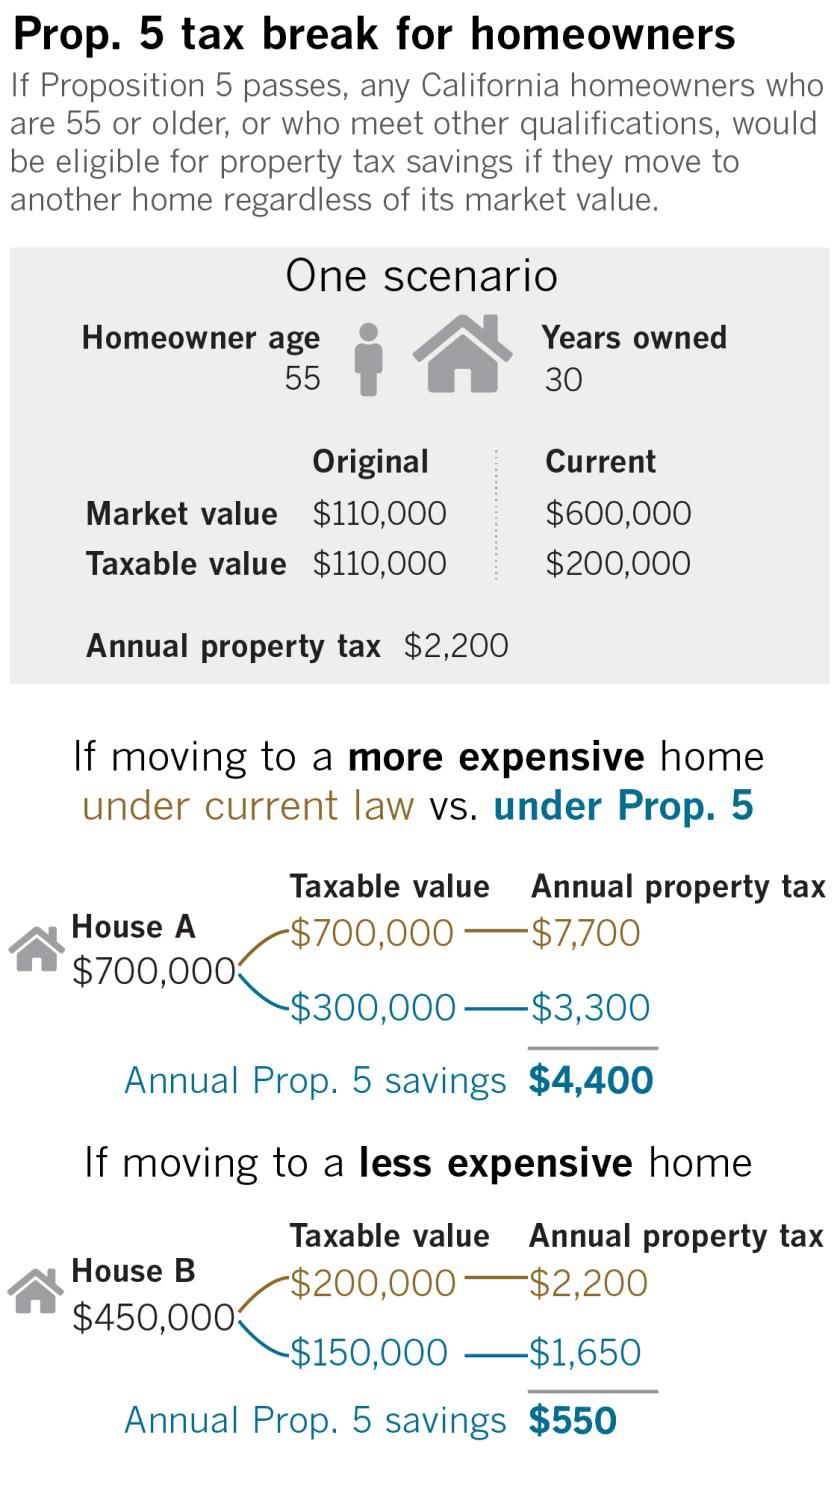 la-pol-ca-prop-g-5-housing-tax-break-20181011